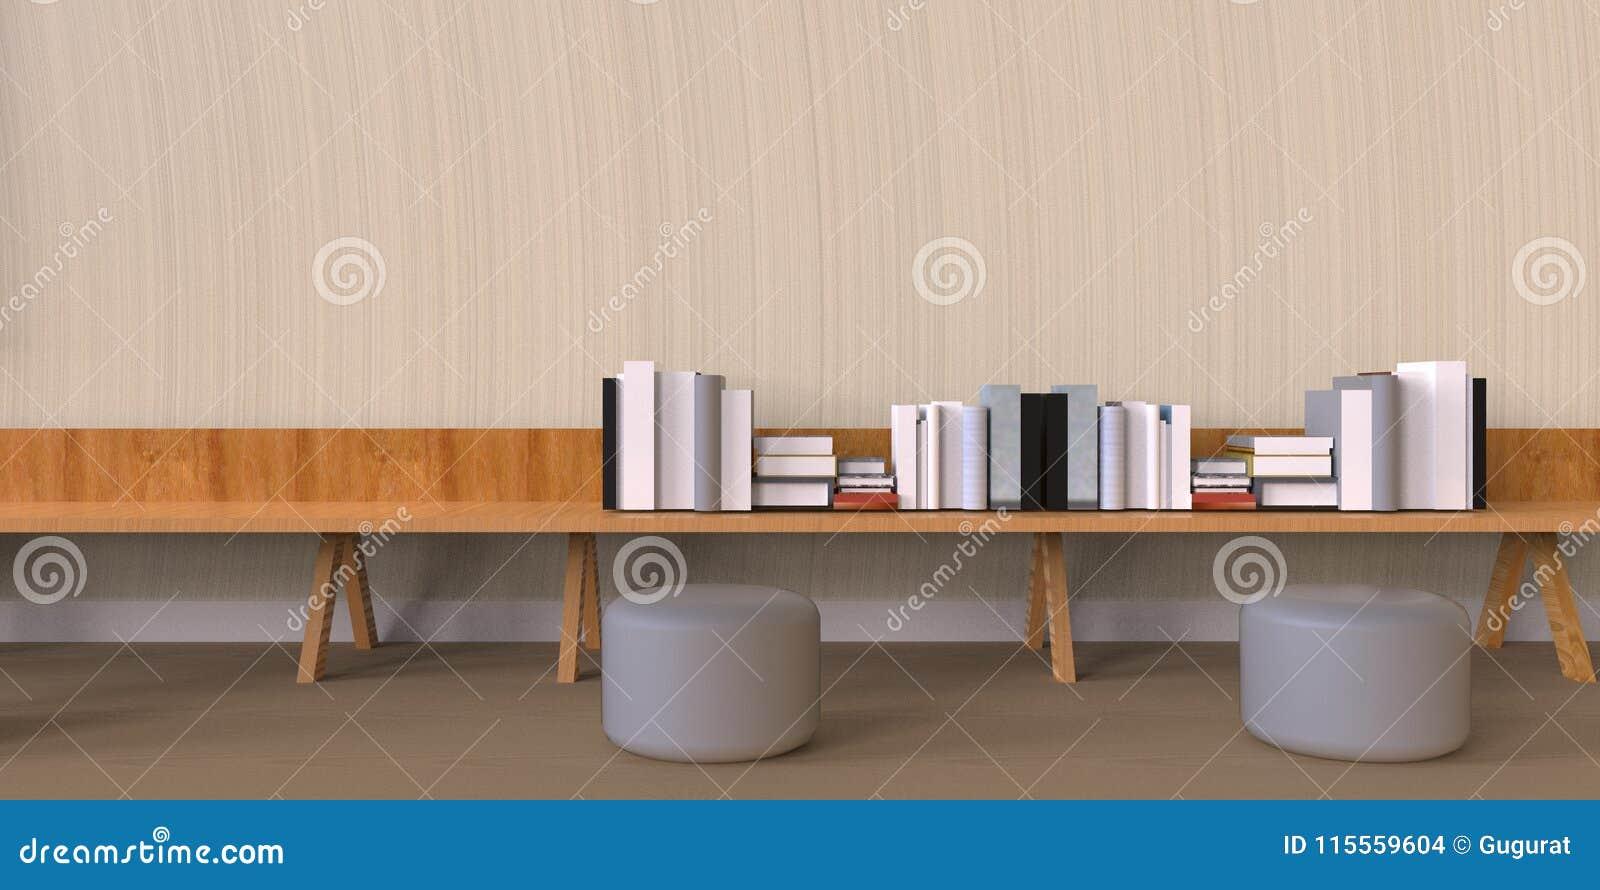 Minimal Office And Desk Bookshelf On Wood Wall